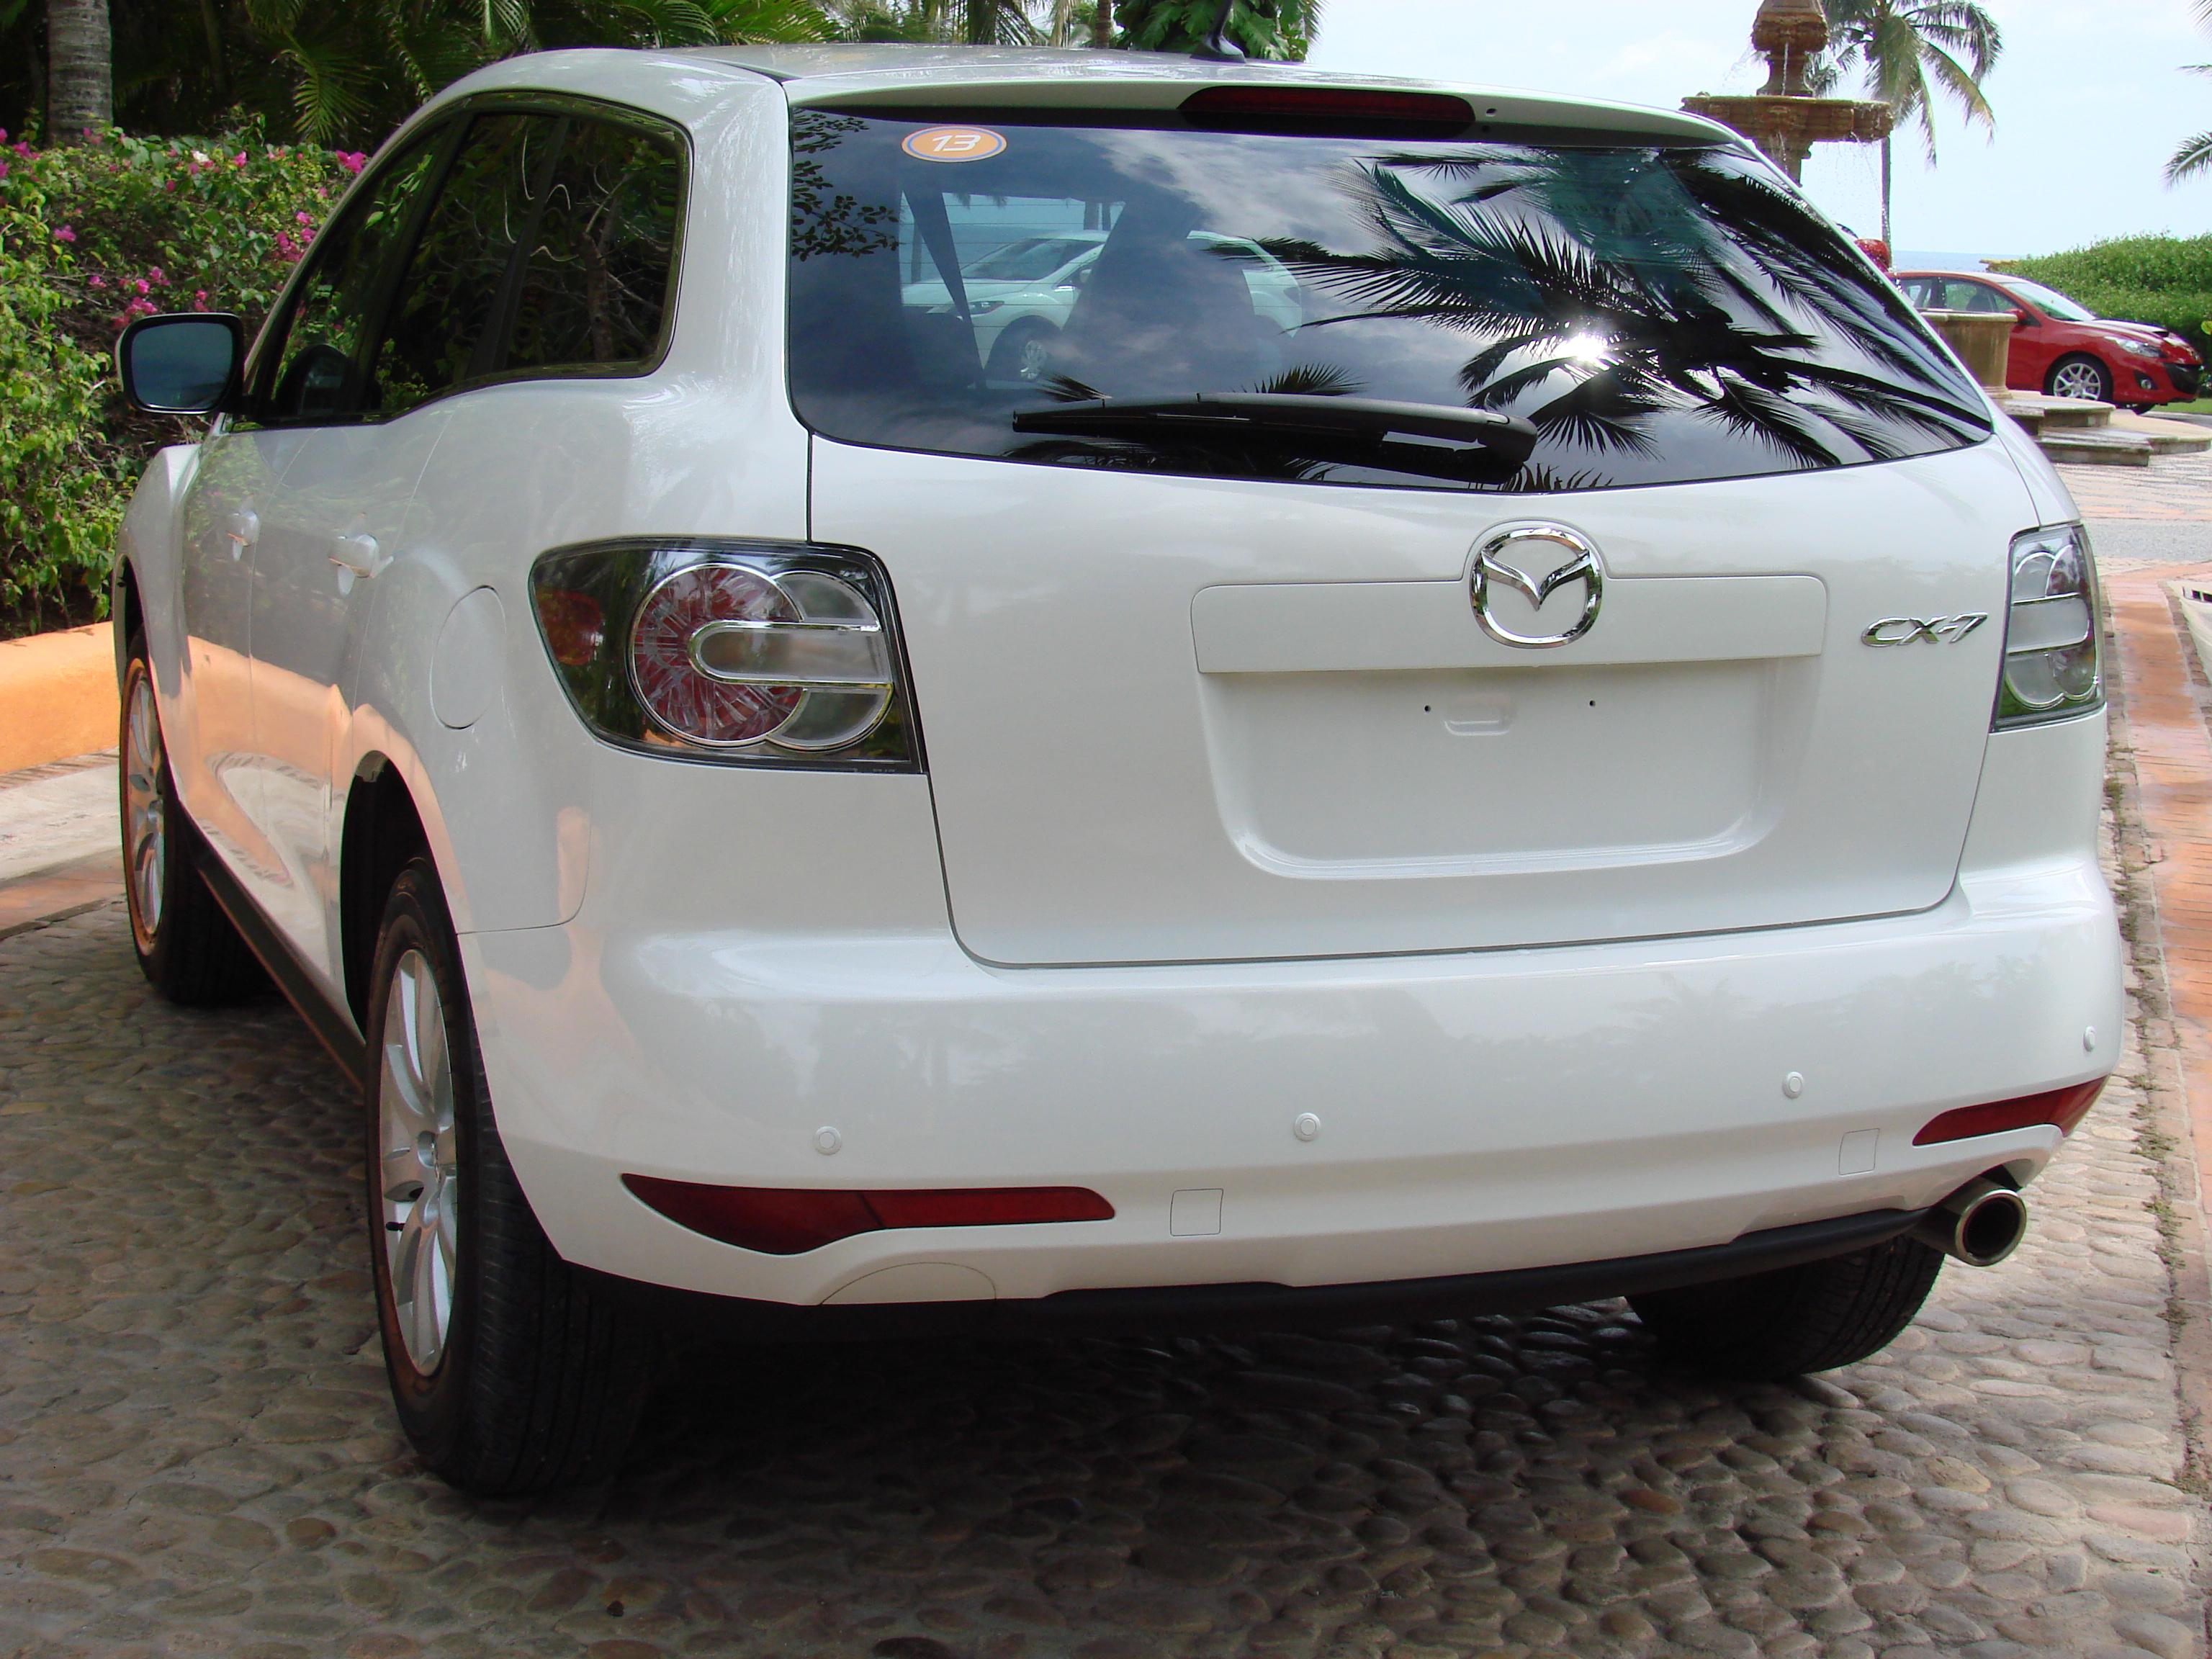 Nueva Versi 243 N 2 5 Litros De Crossover Mazda Cx 7 2010 Para M 233 Xico Autocosmos Com